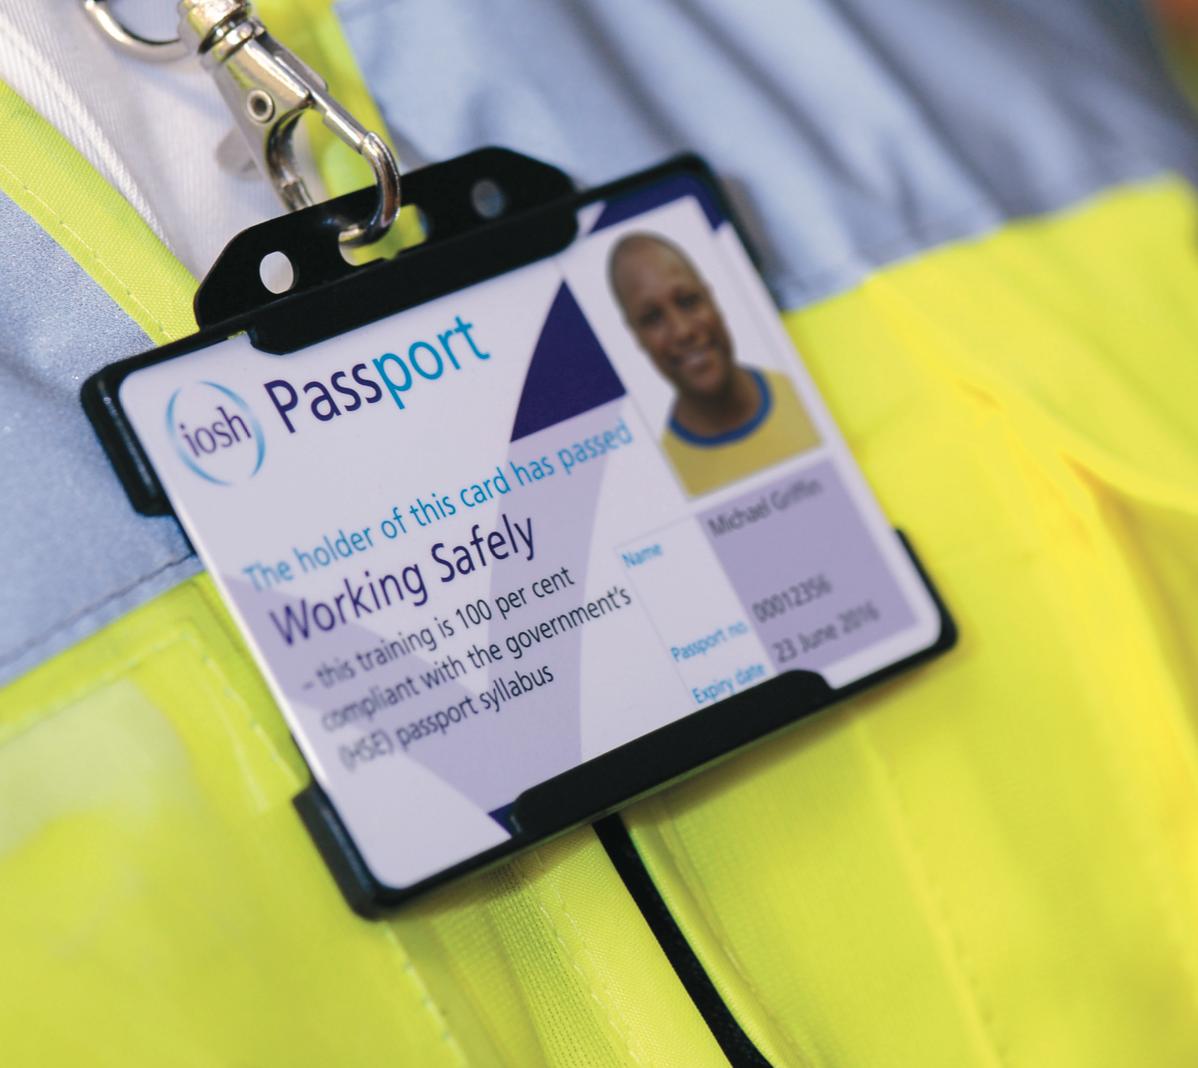 IOSH Working Safely Safety Passport